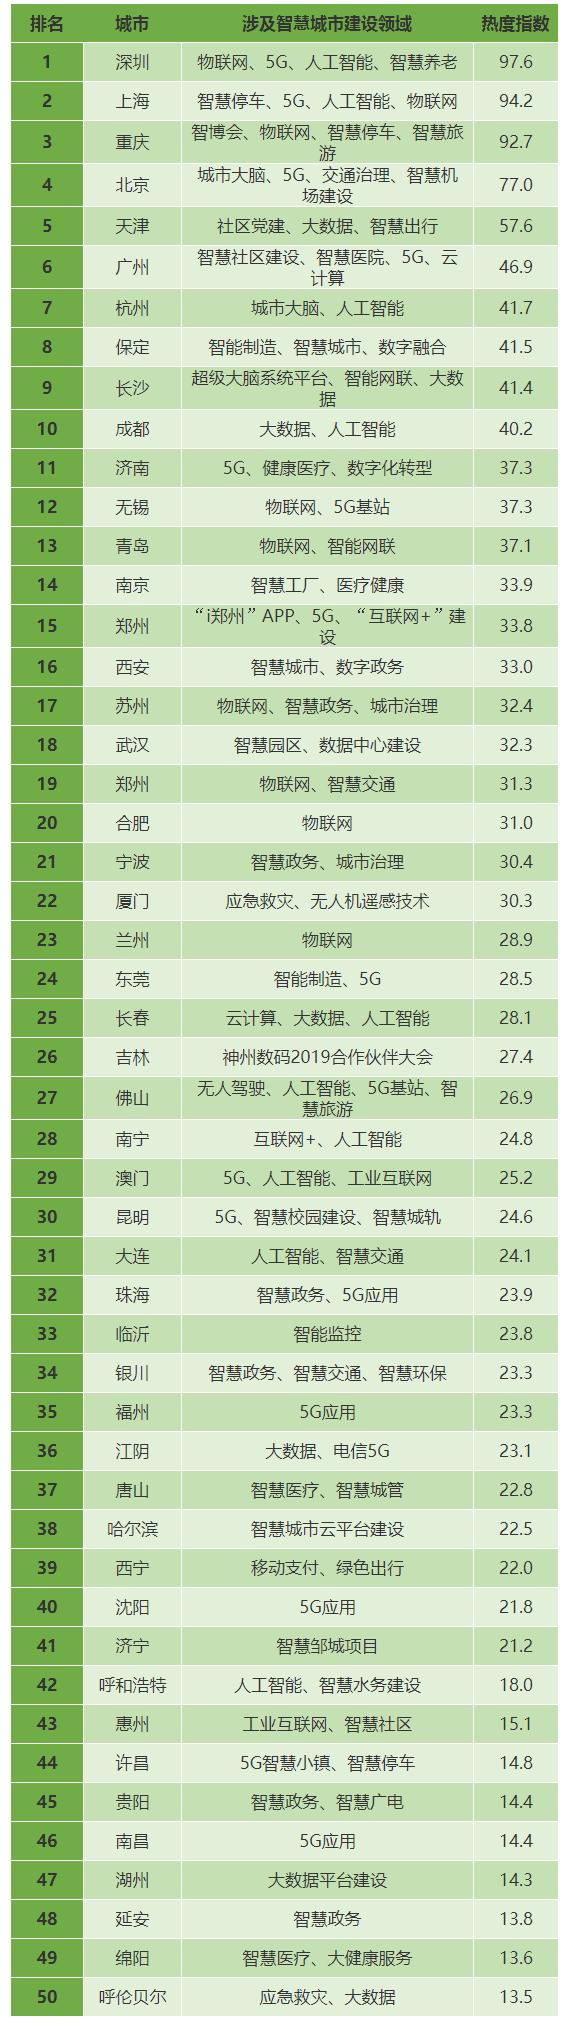 智慧城市8月传播热度指数榜